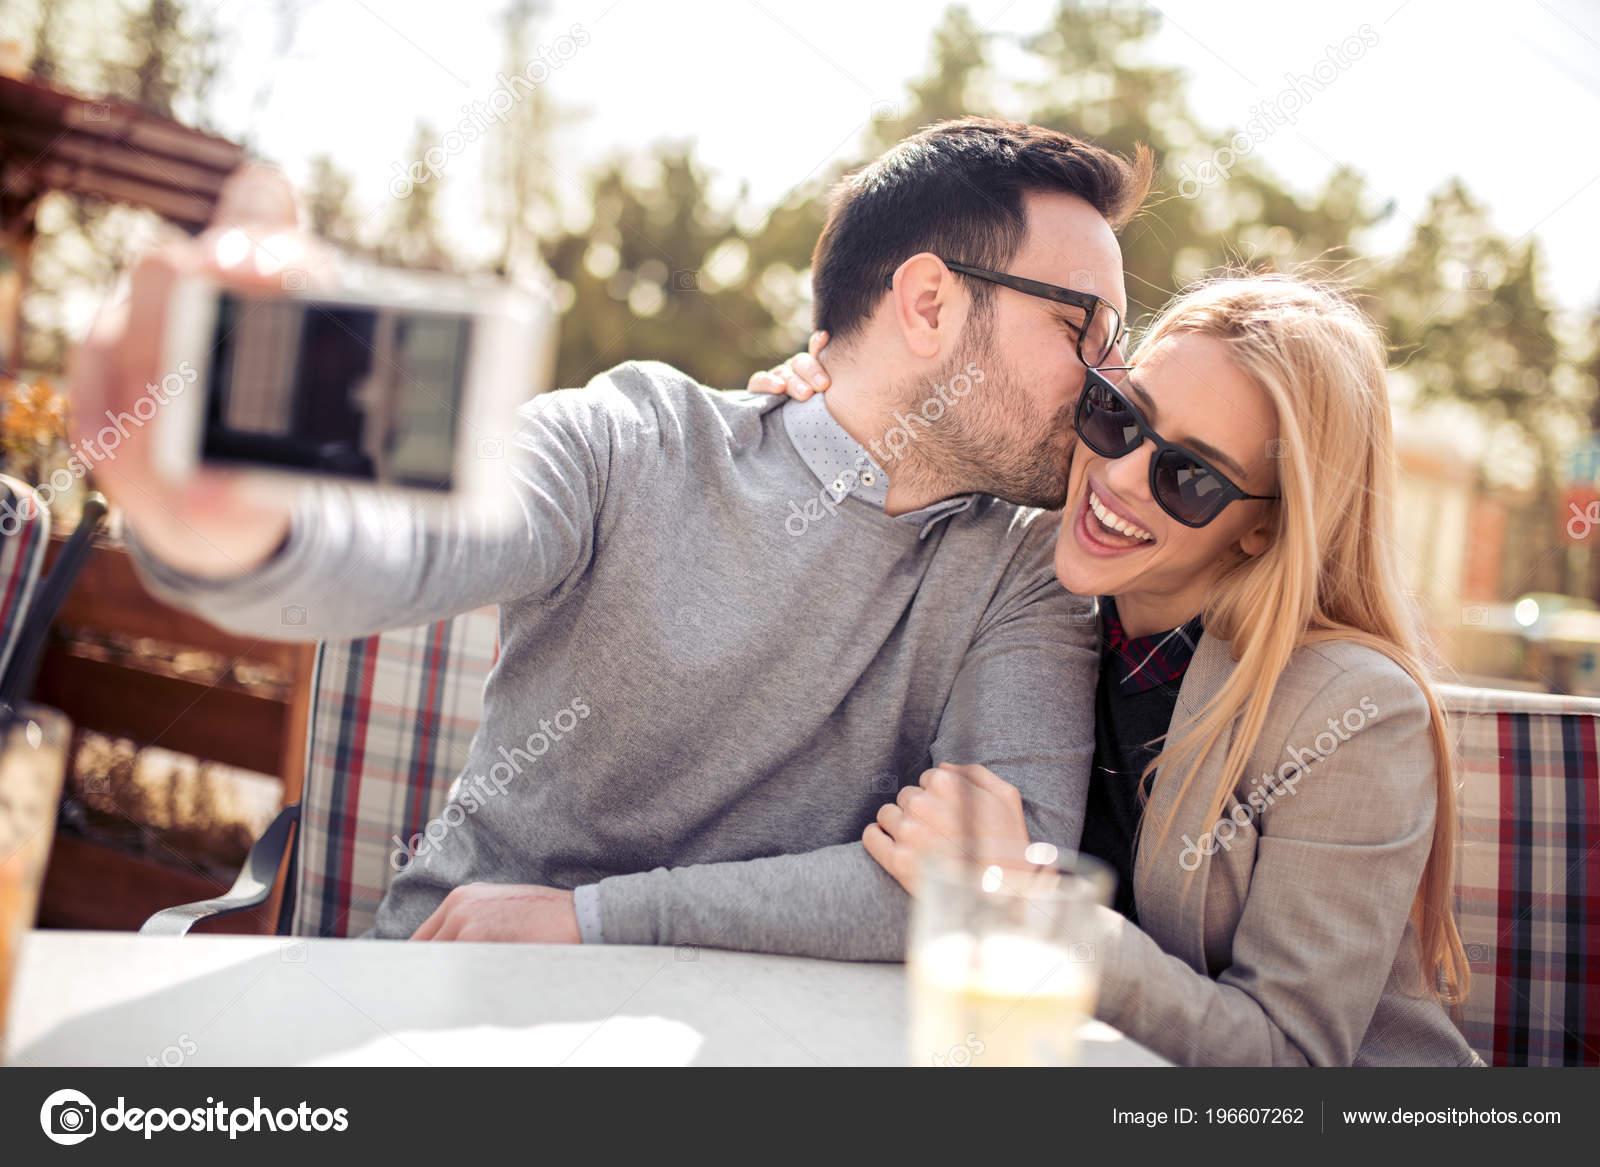 mobil dating cafe kåte damer i gränna